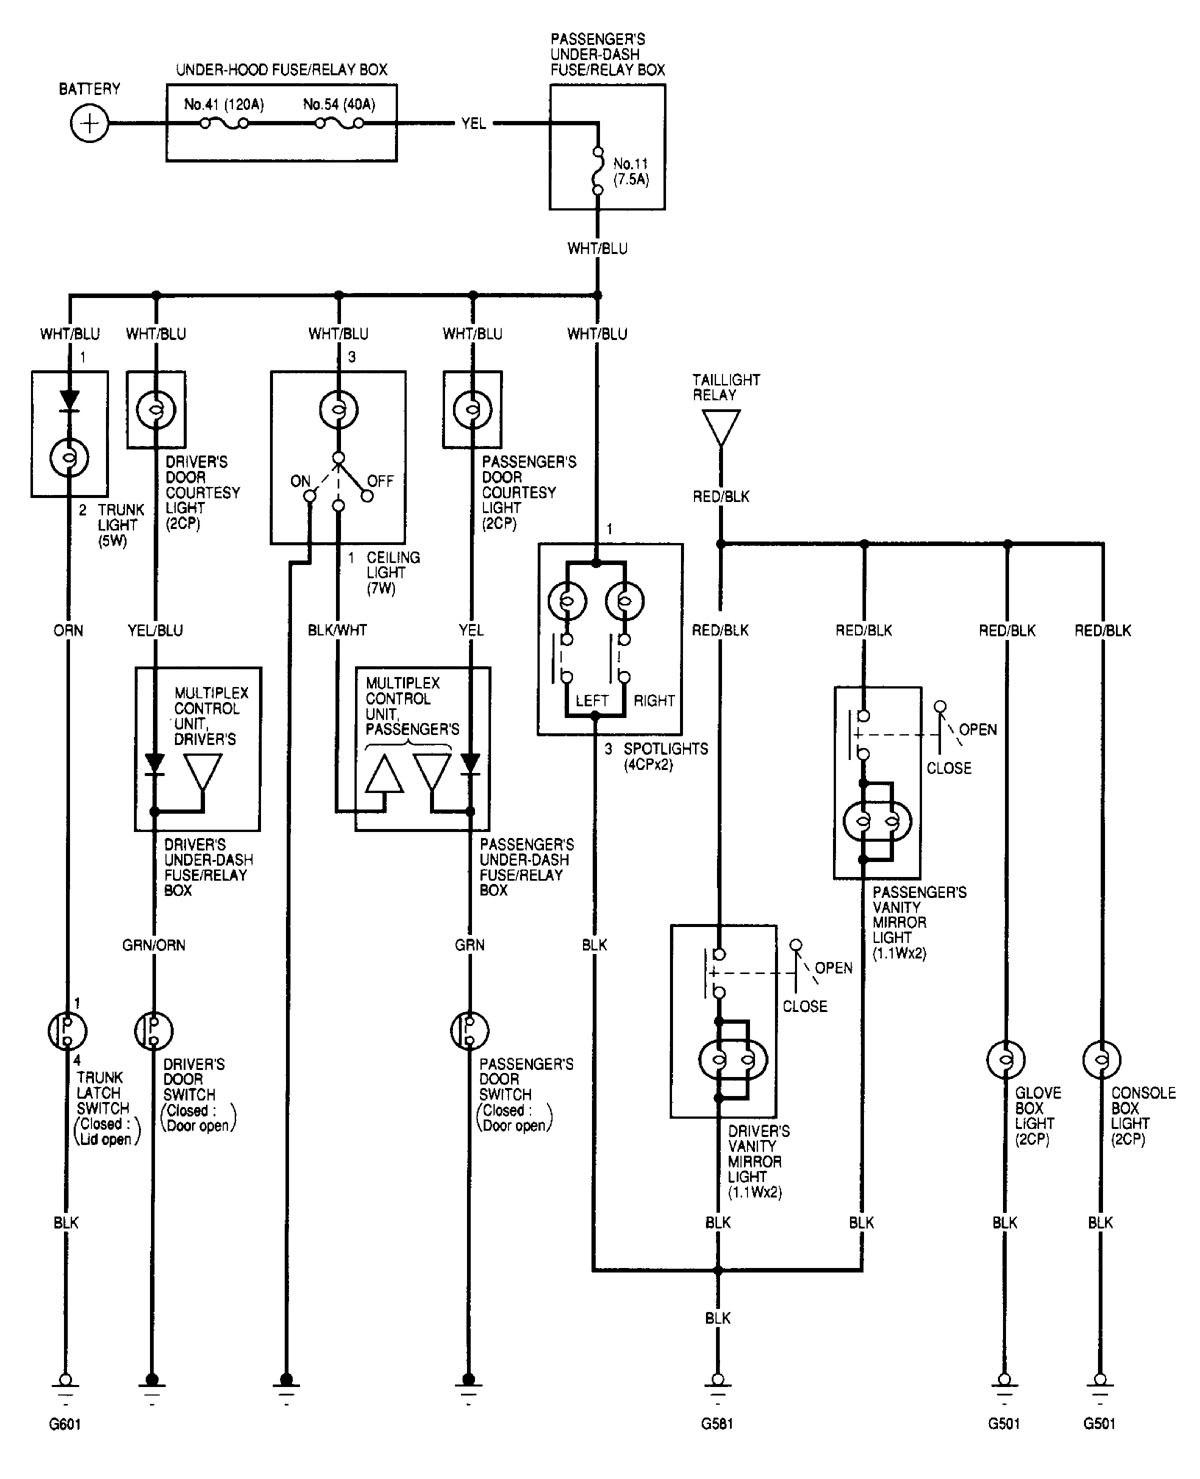 Acura Tl  2000 - 2001  - Wiring Diagrams